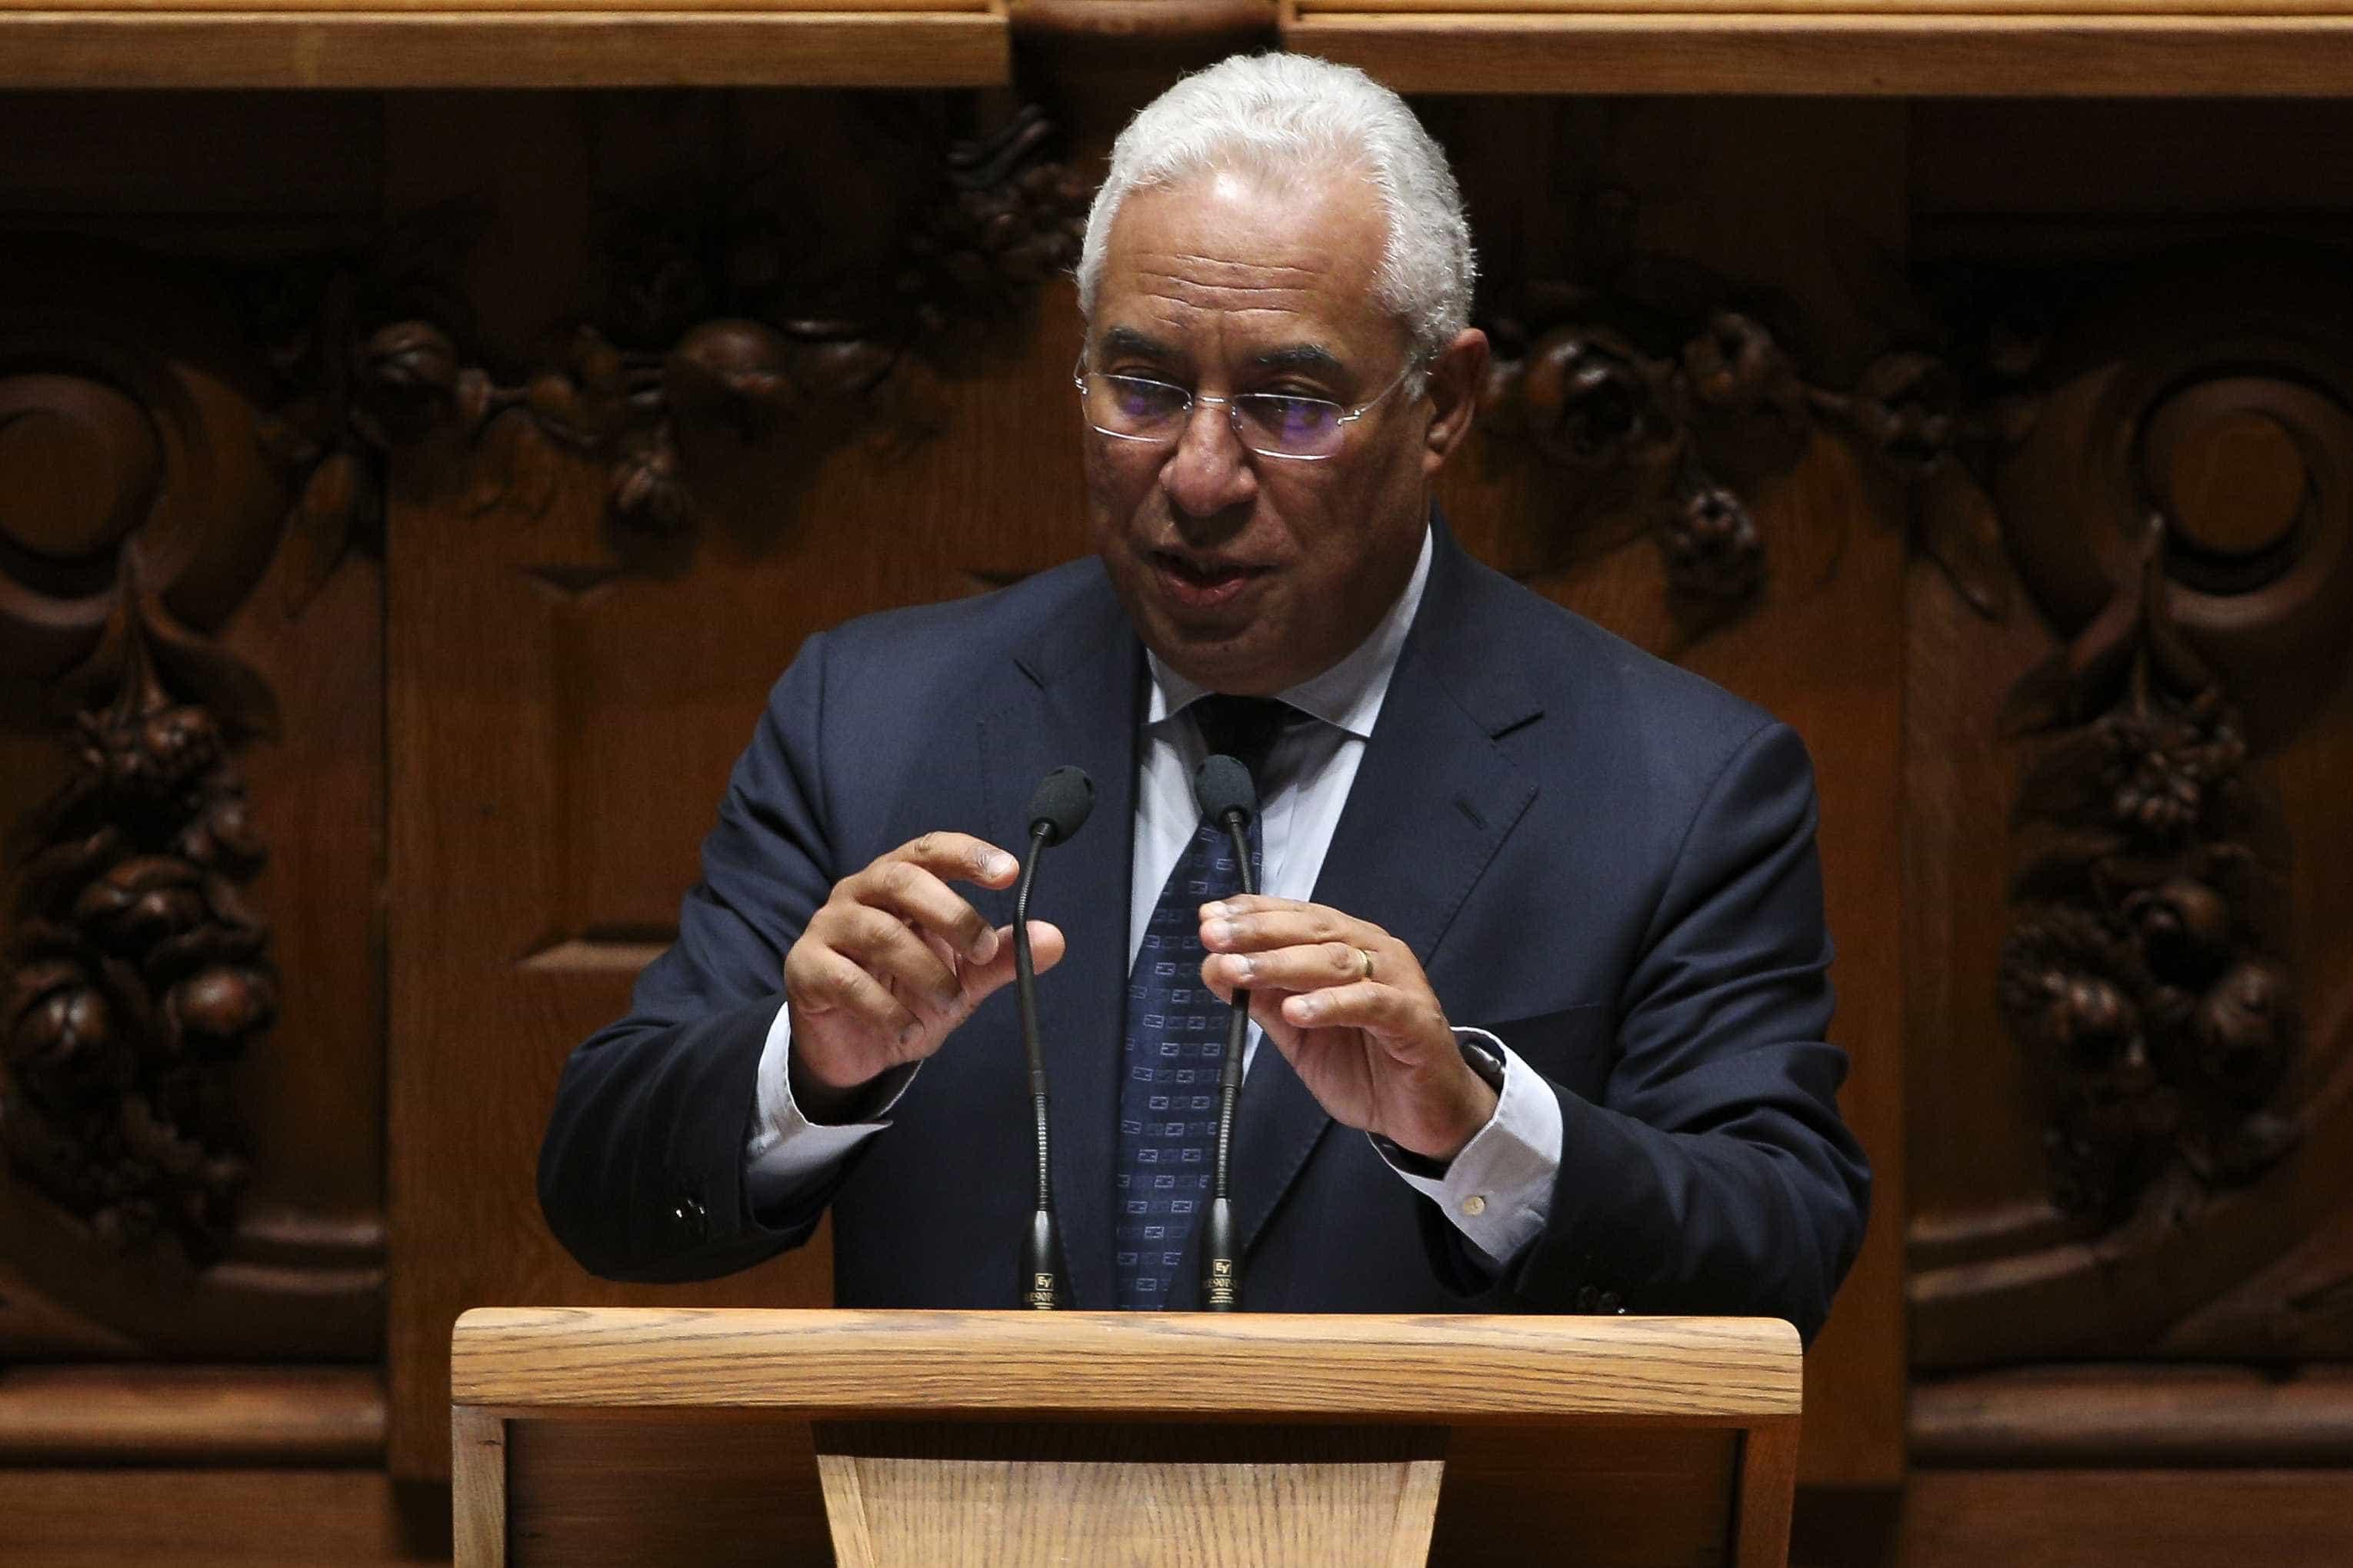 Costa escolhe economia e emprego para tema do debate quinzenal